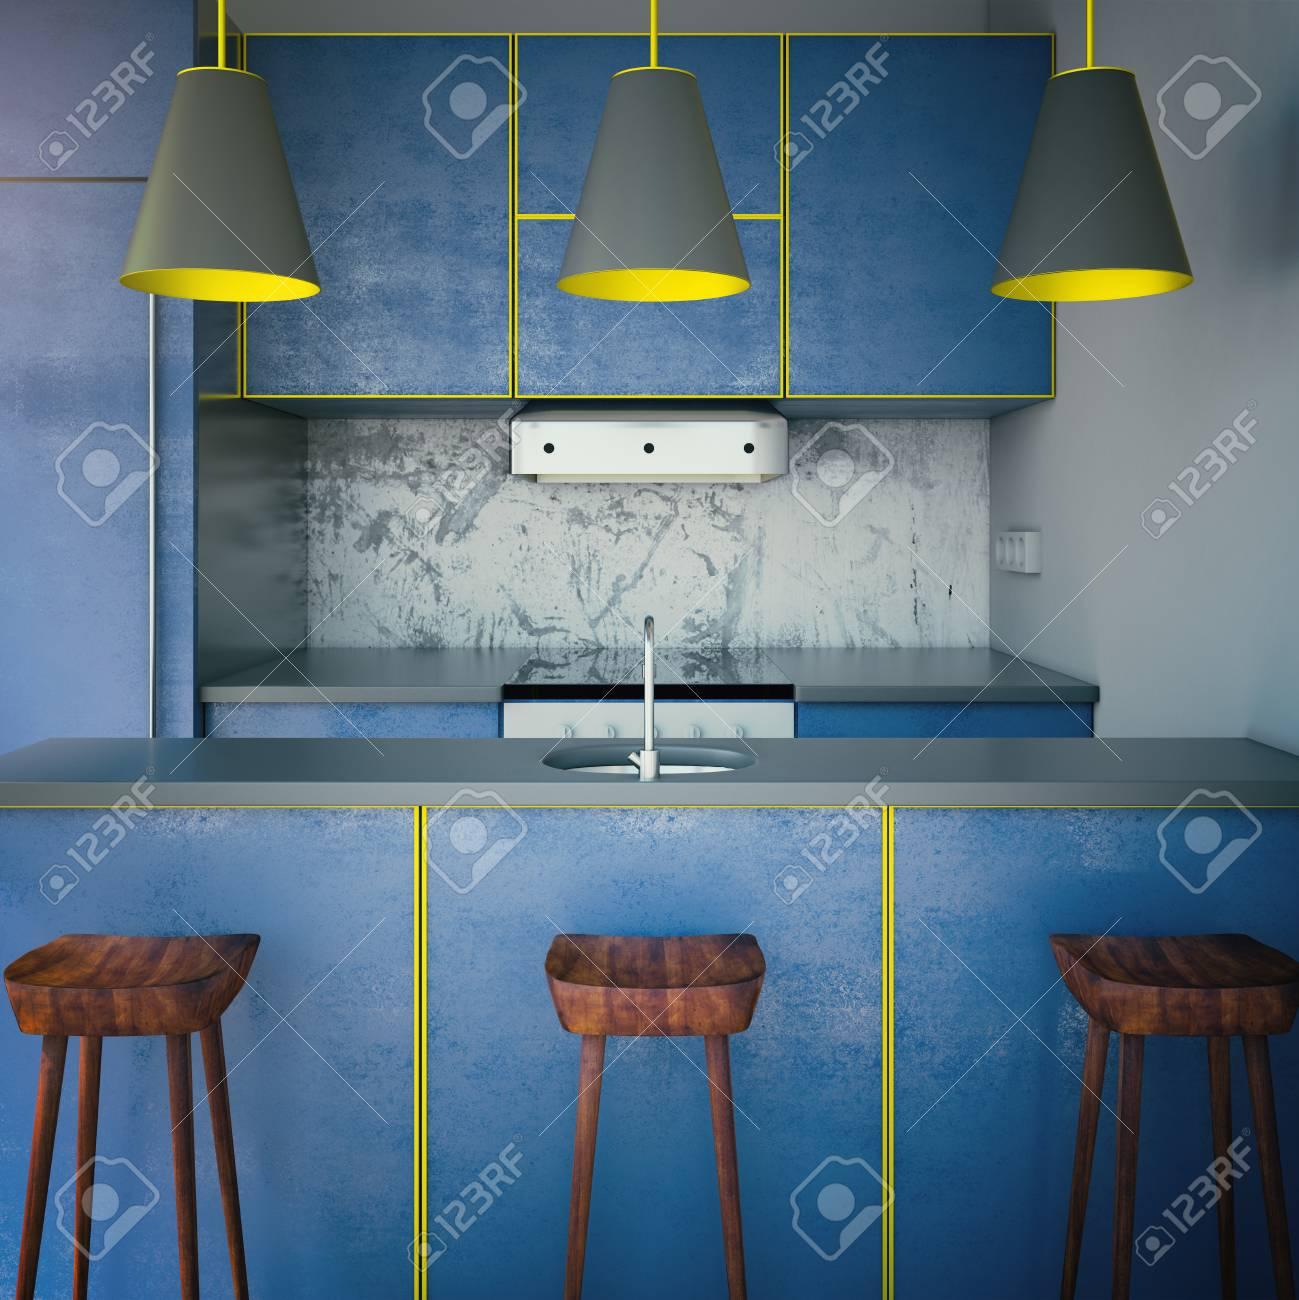 Entre El Diseño Azul De La Cocina Moderna Con Tres Lámparas Y Sillas ...